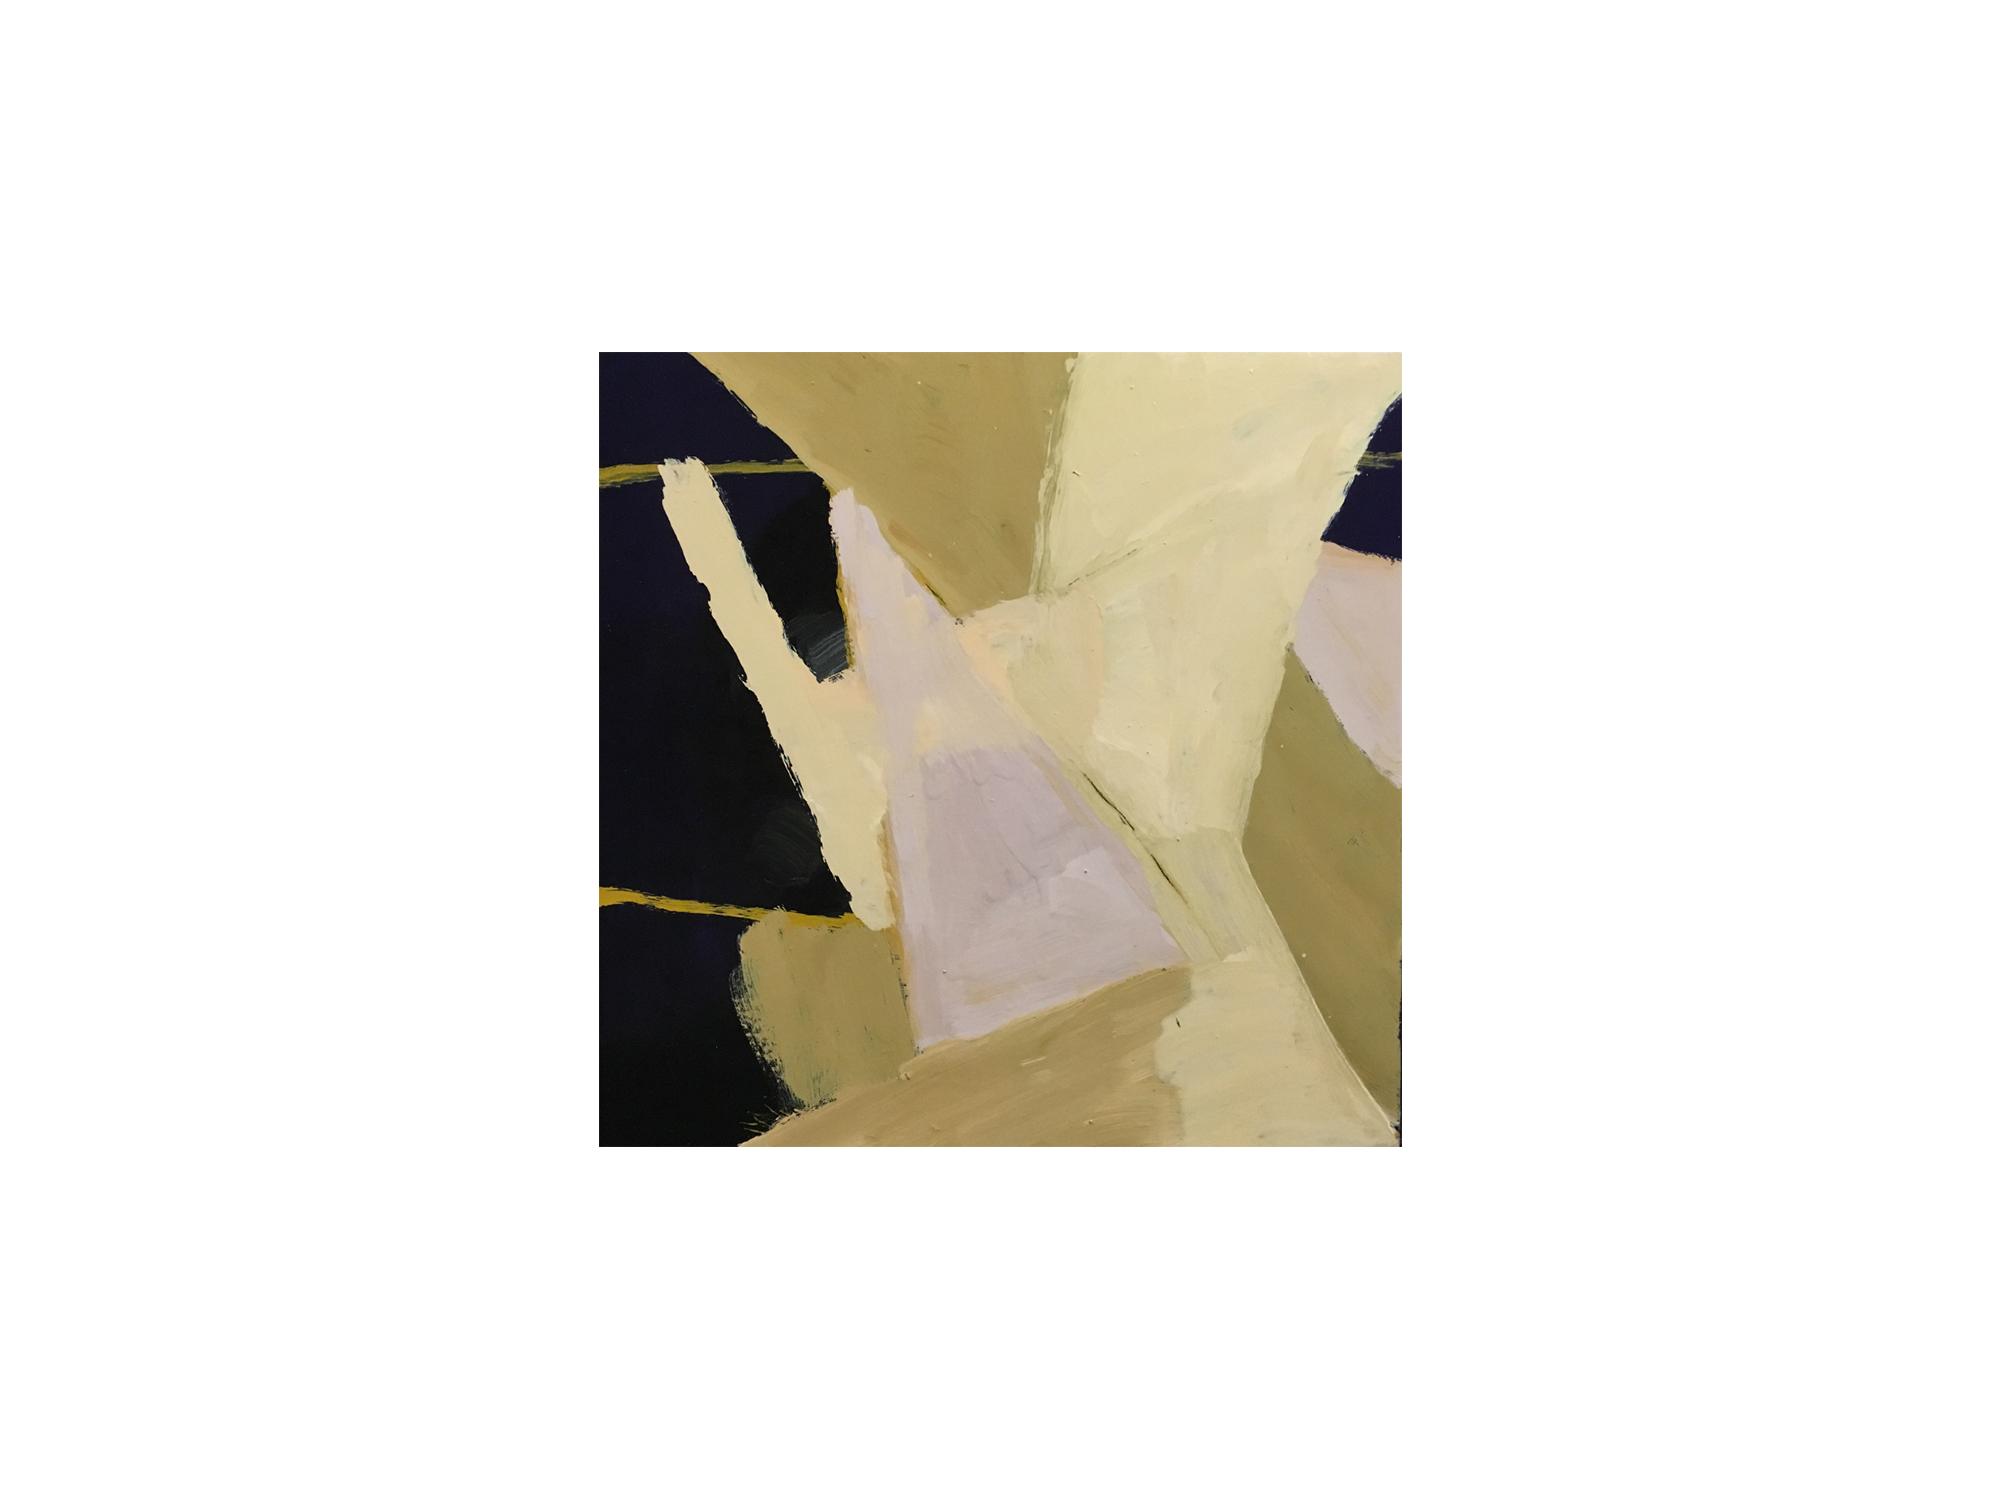 James Clayden   Corner of the room , 2015 enamel on canvas 41 x 41cm   ARTIST BIO